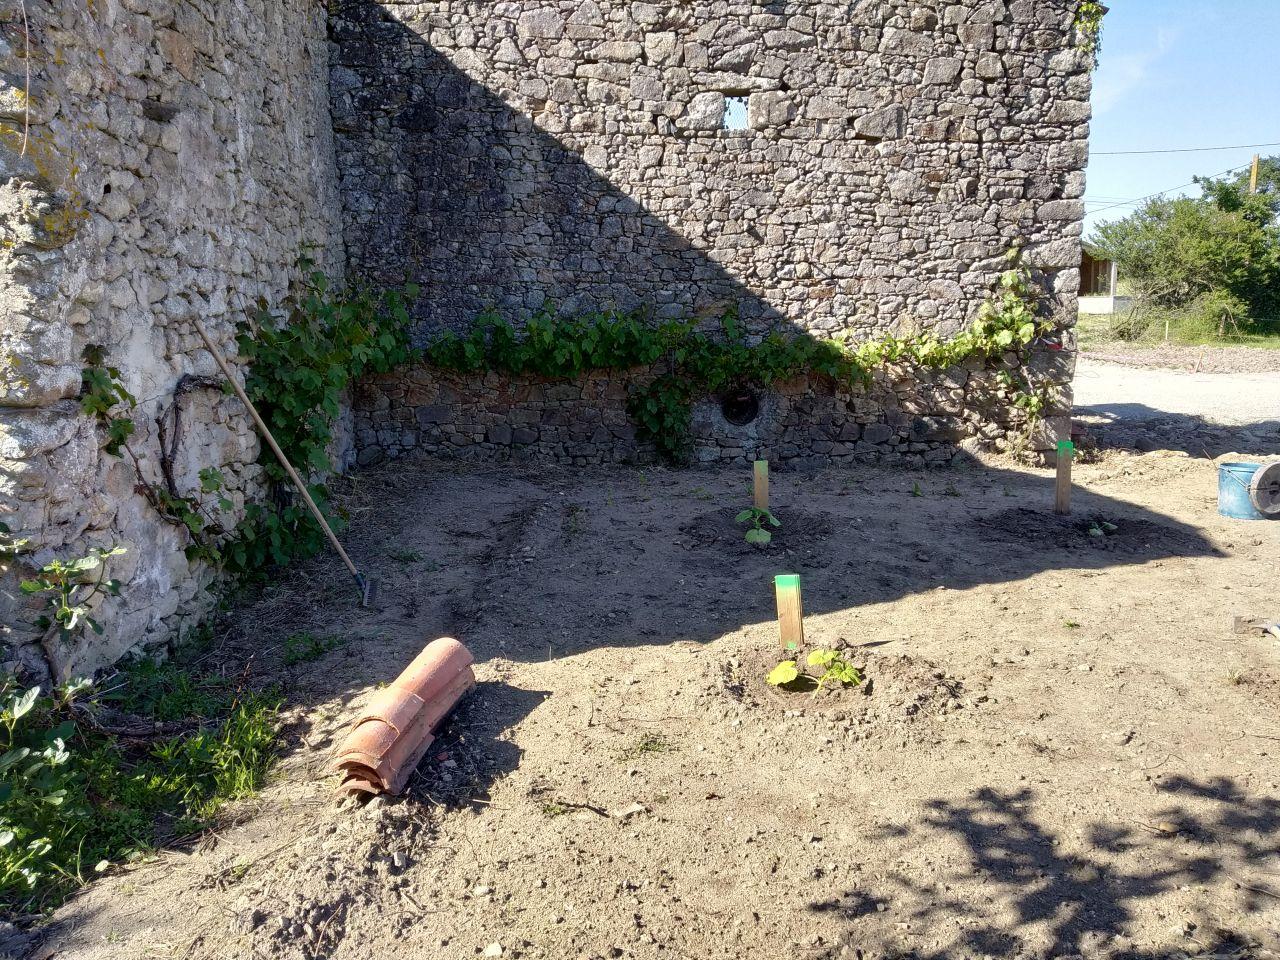 comme la moitié du terrain avait été nettoyé , on en a profité pur faire pousser un petit jardin au programme potimarron butternut melon et fraise , on a un autre potager chez nous ici on profite de la place pour les courges